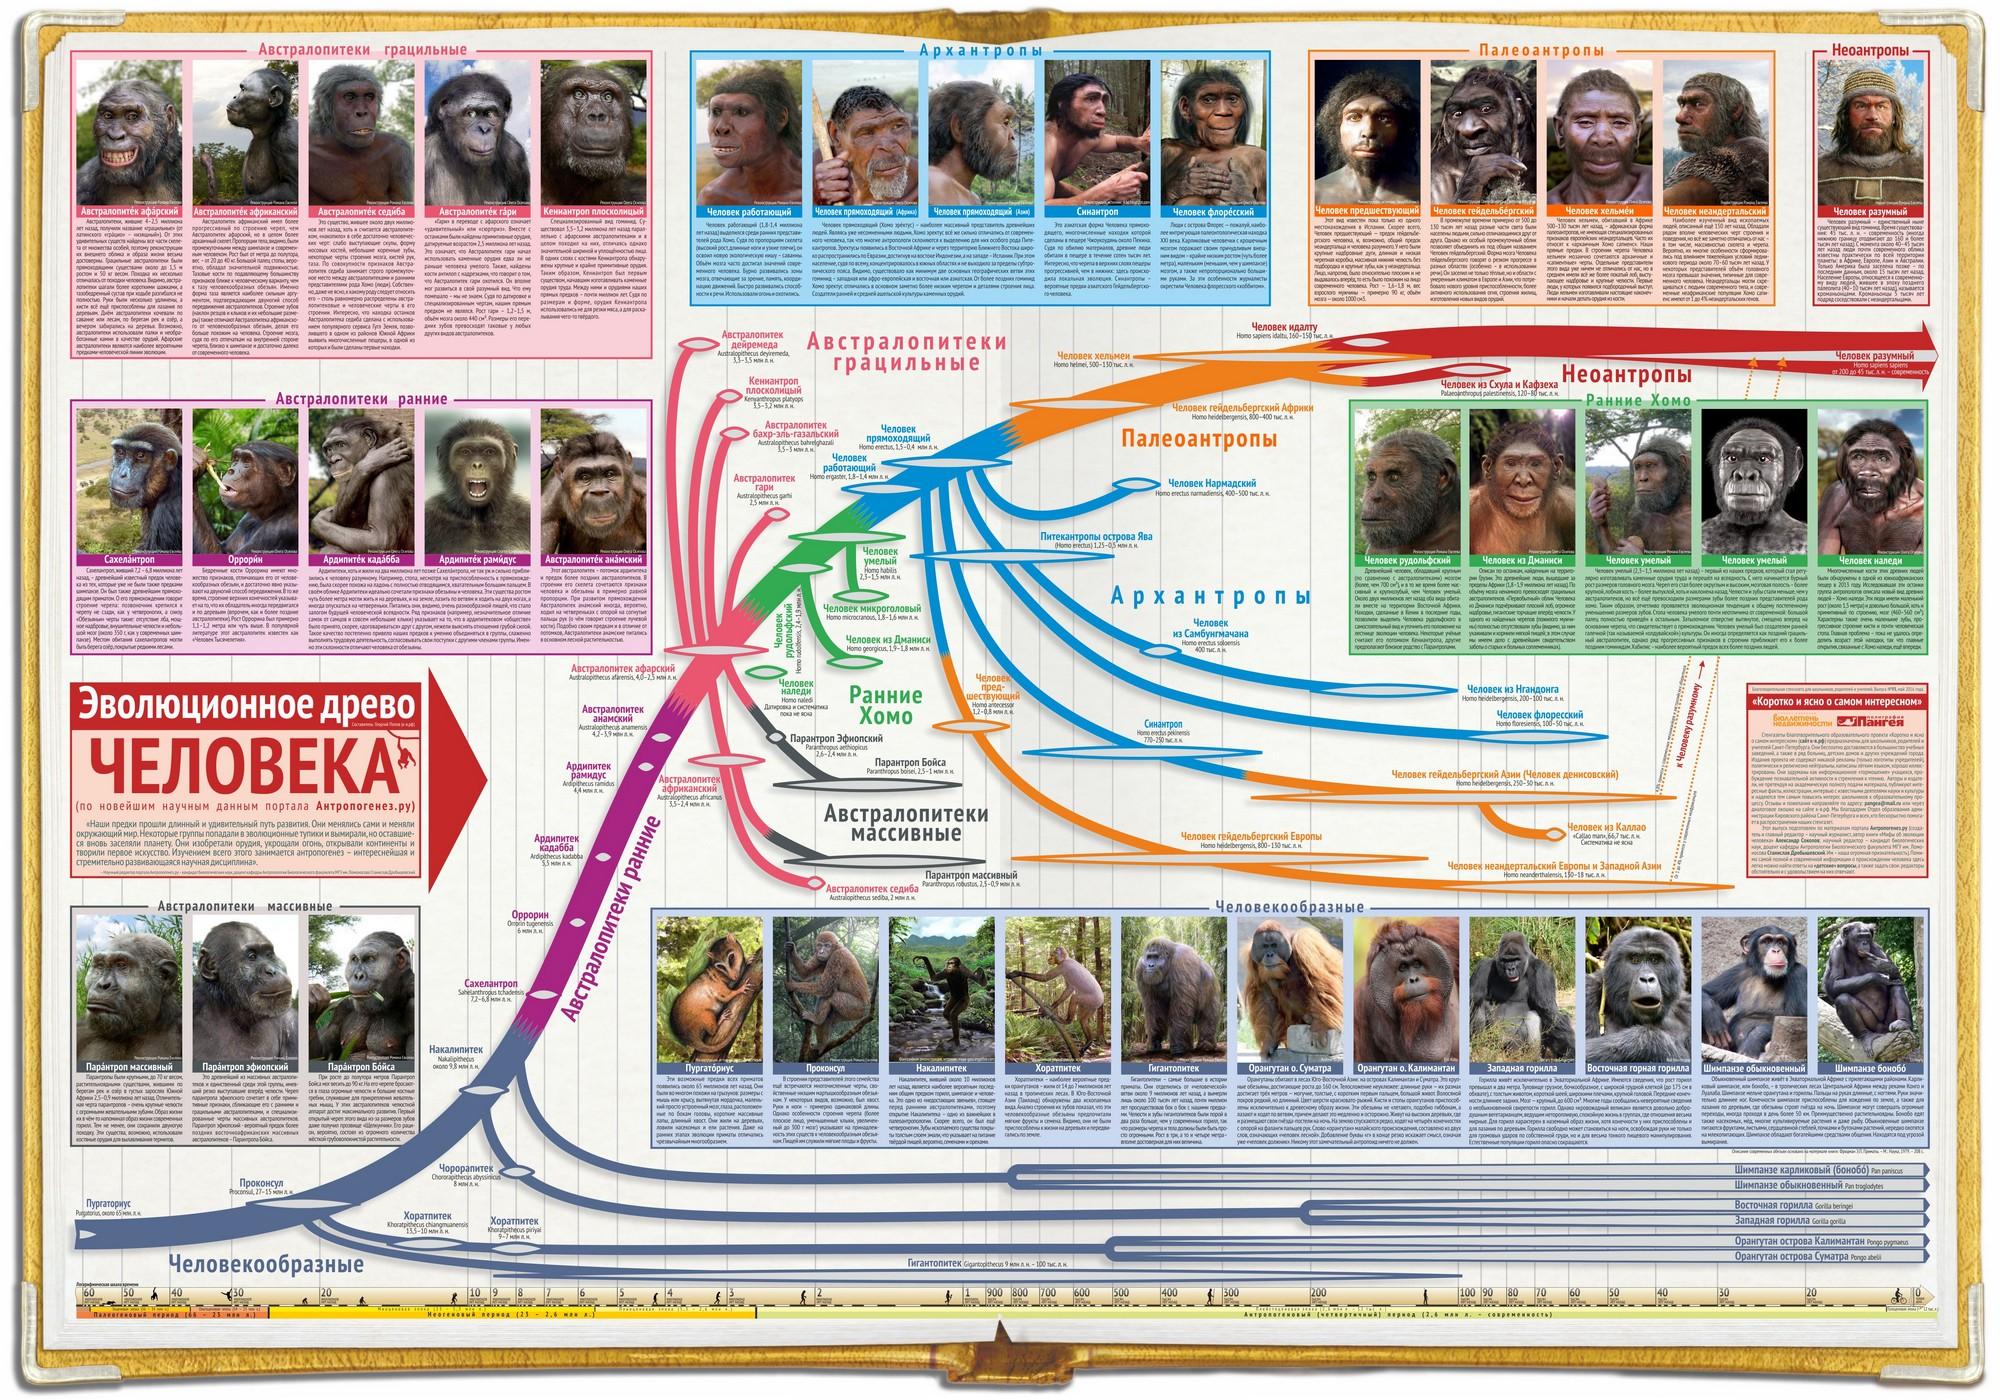 Эволюционное древо человека